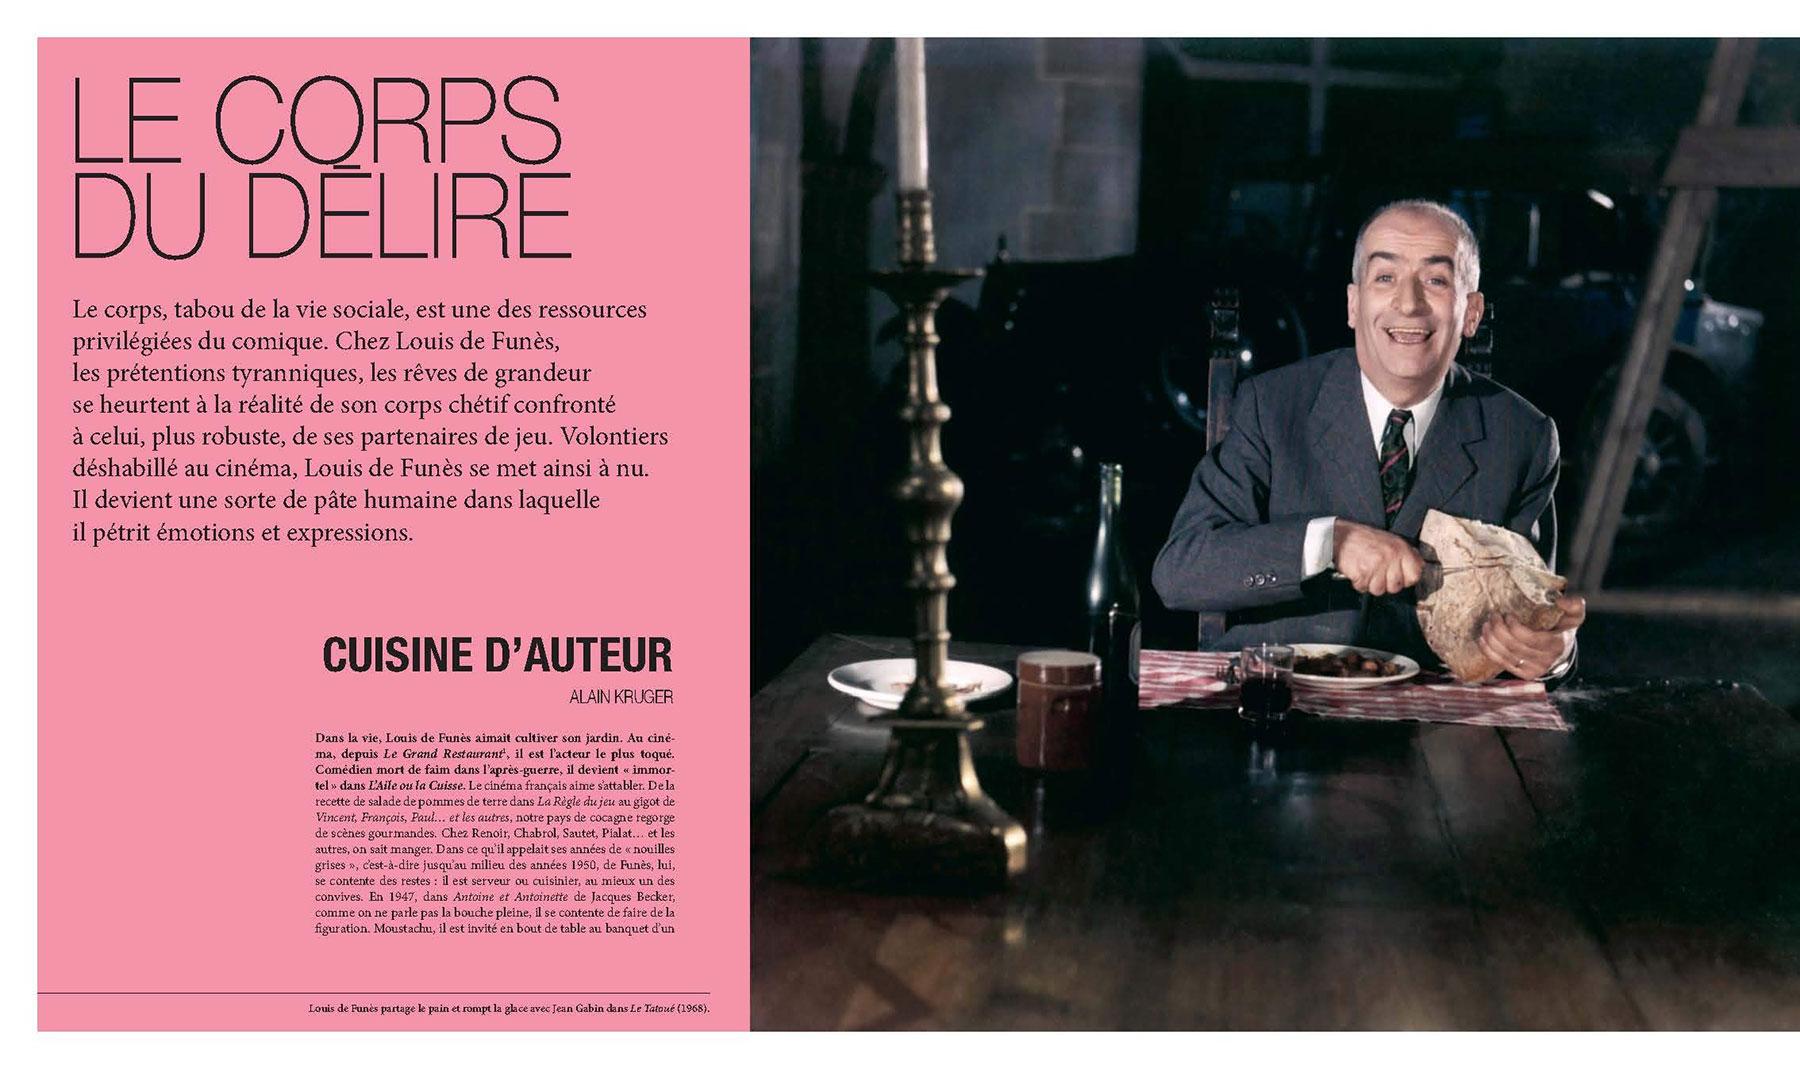 Louis de Funès, à la folie - sous la direction d'Alain Kruger (La Cinémathèque française/Éditions de La Martinière) - pages 162-163